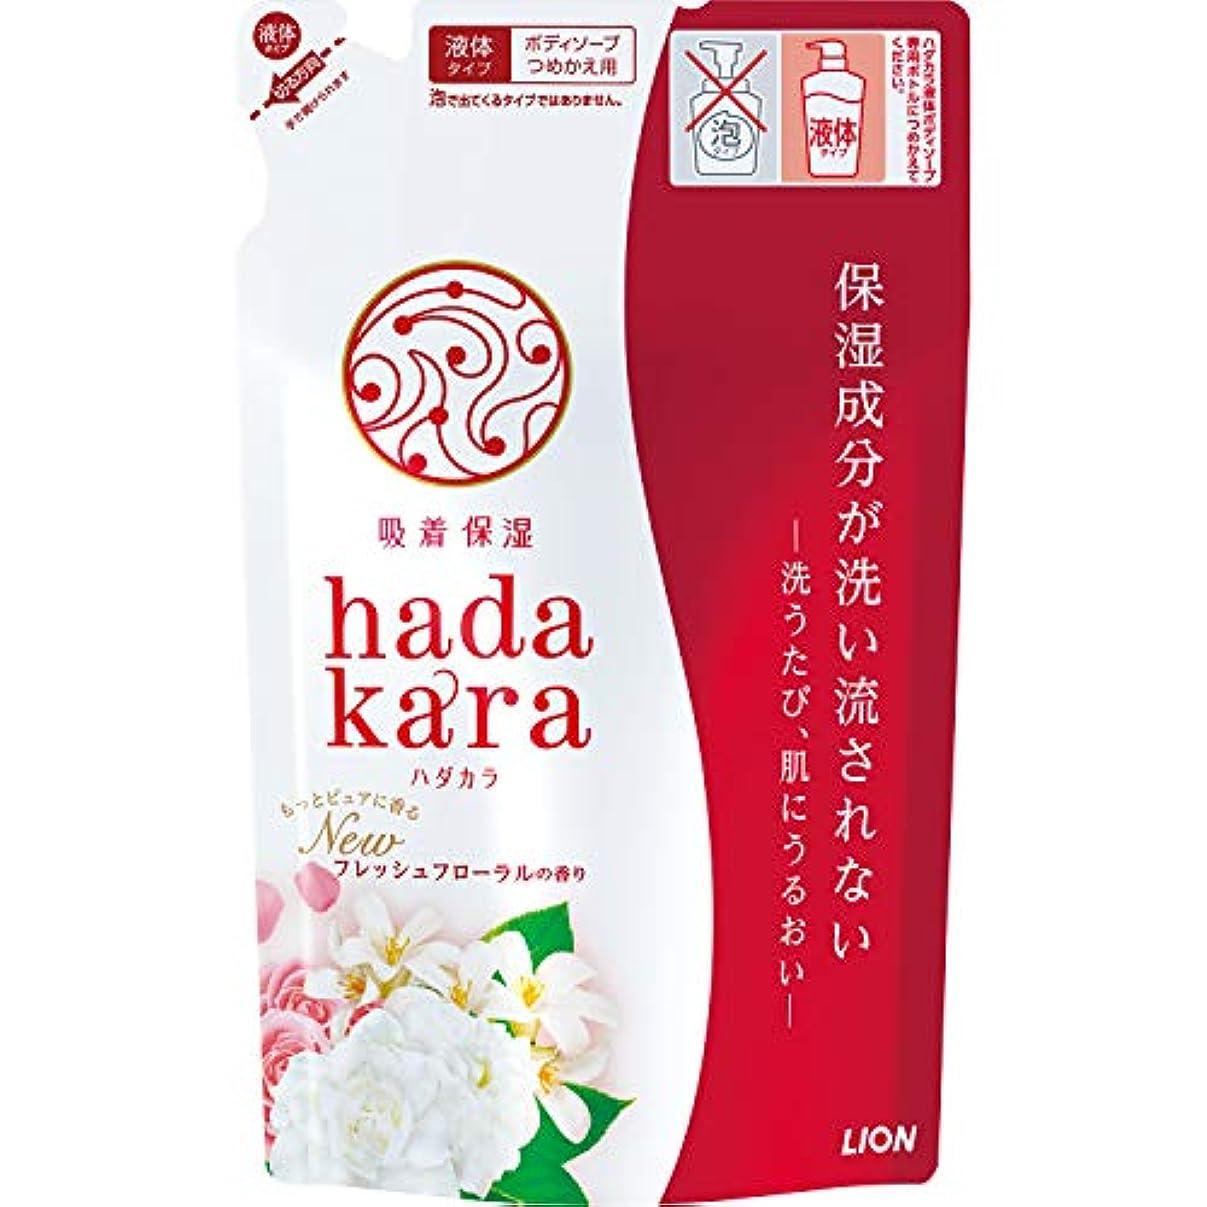 ピーク教授廊下hadakara(ハダカラ) ボディソープ フレッシュフローラルの香り 詰め替え 360ml つめかえ